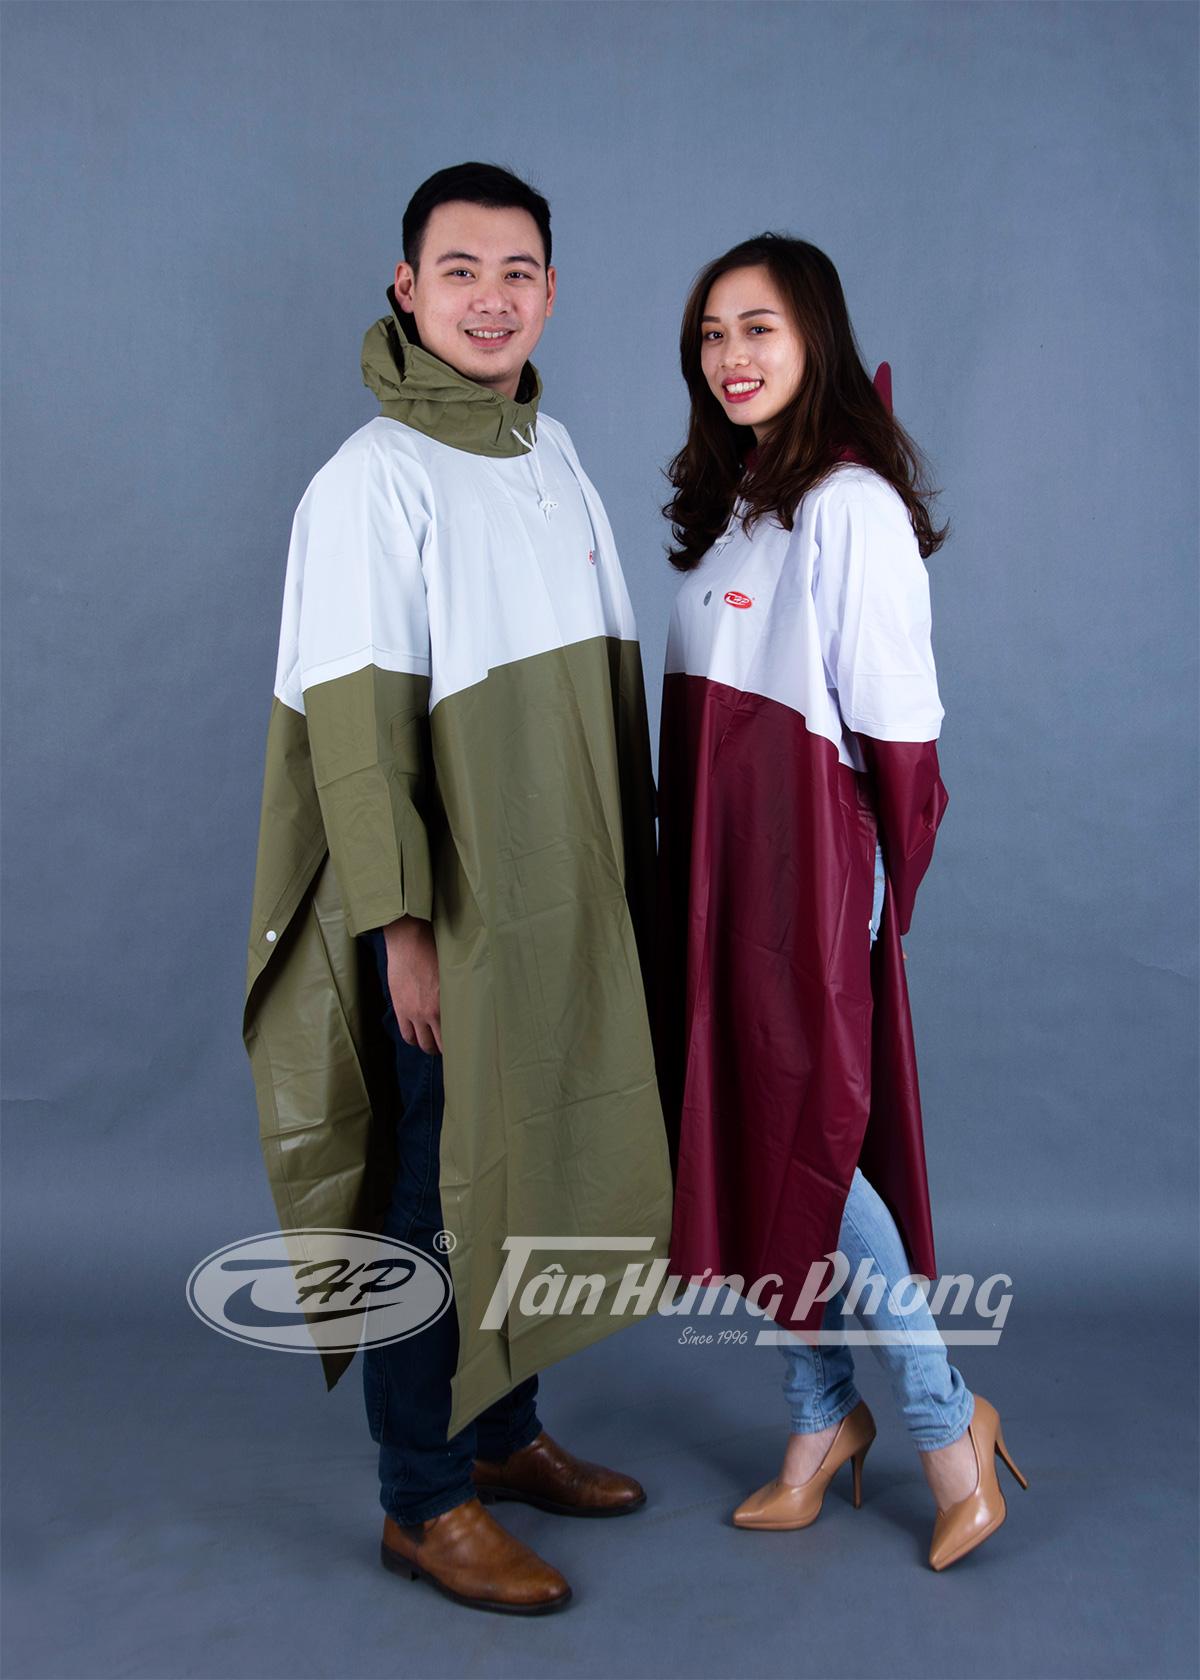 áo mưa Tân Hưng Phong